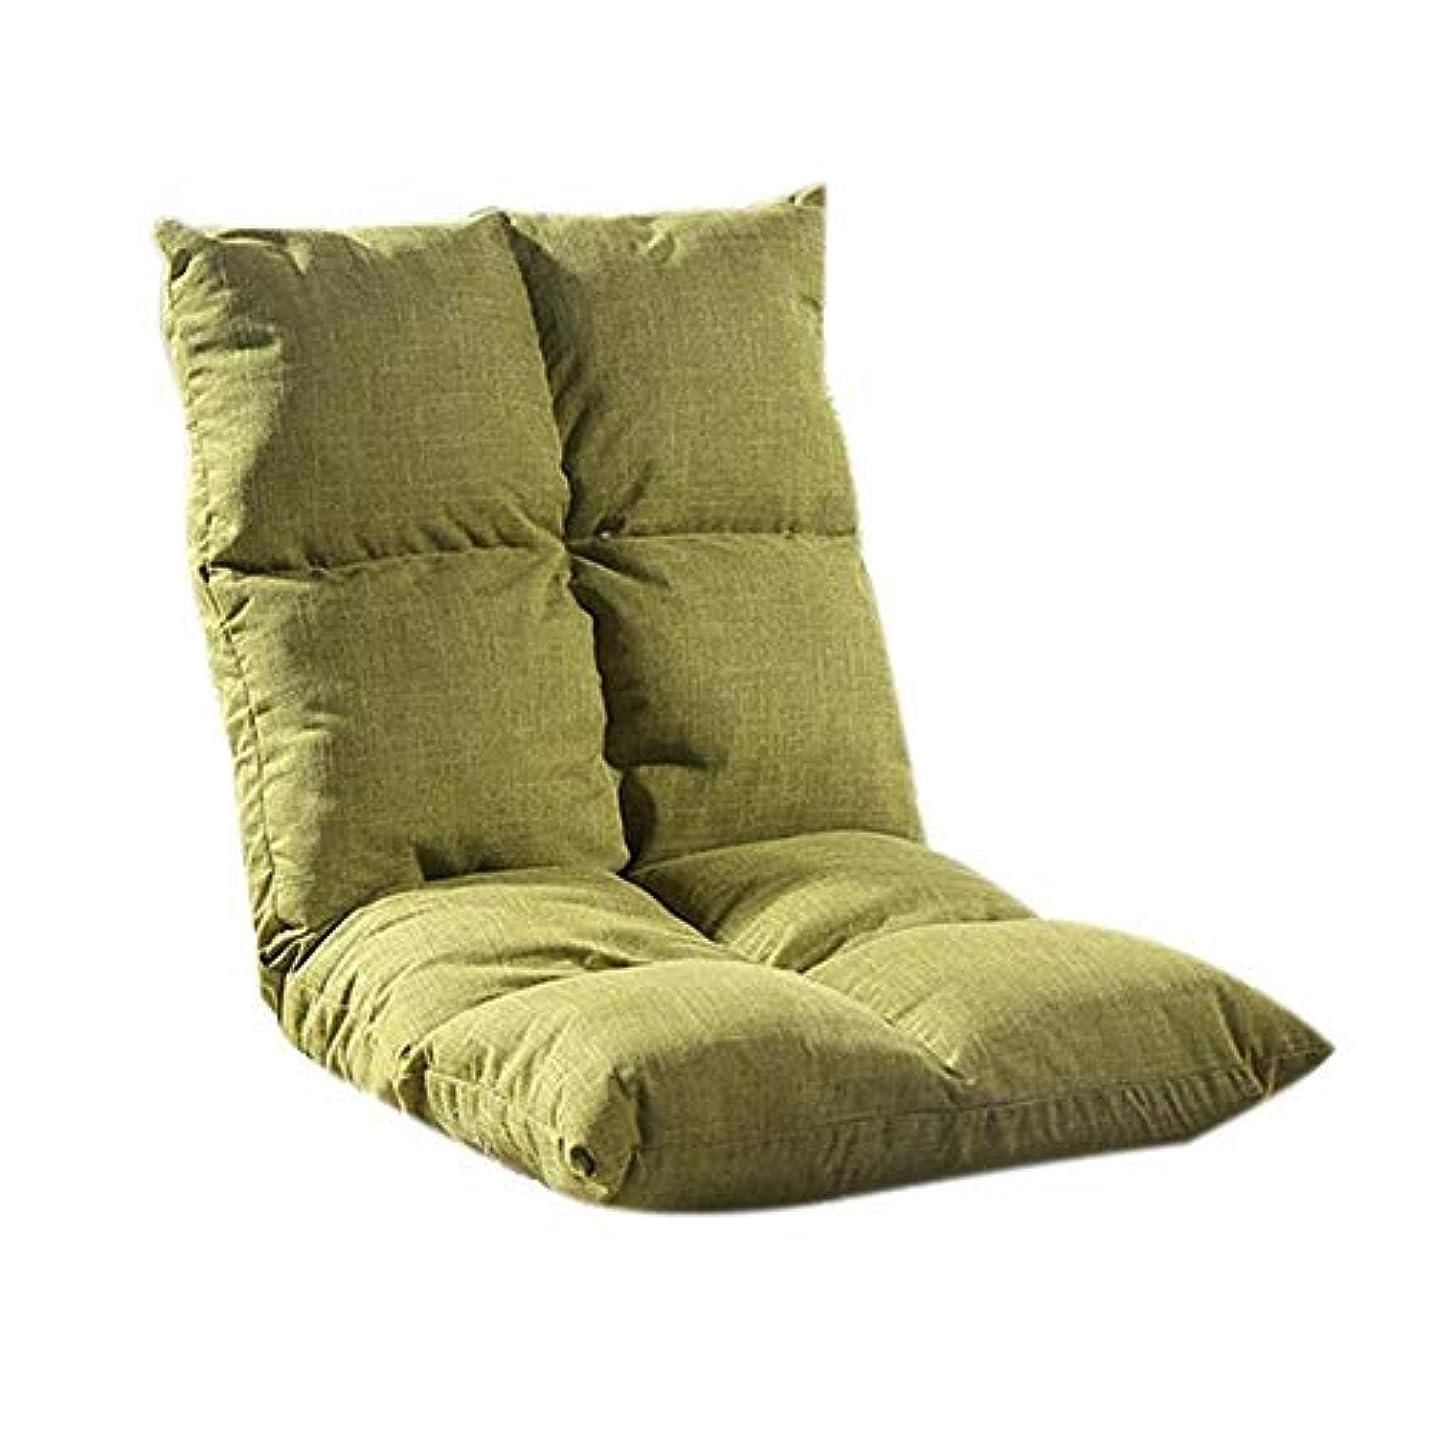 タイトルとげしかし怠zyなフロアチェア、畳クッション、シングルメディテーションチェア、背もたれ一体型フロアクッション、折りたたみ式厚手バルコニー和風、調節可能な椅子怠Adjustなソファゲームチェア (Color : 緑)